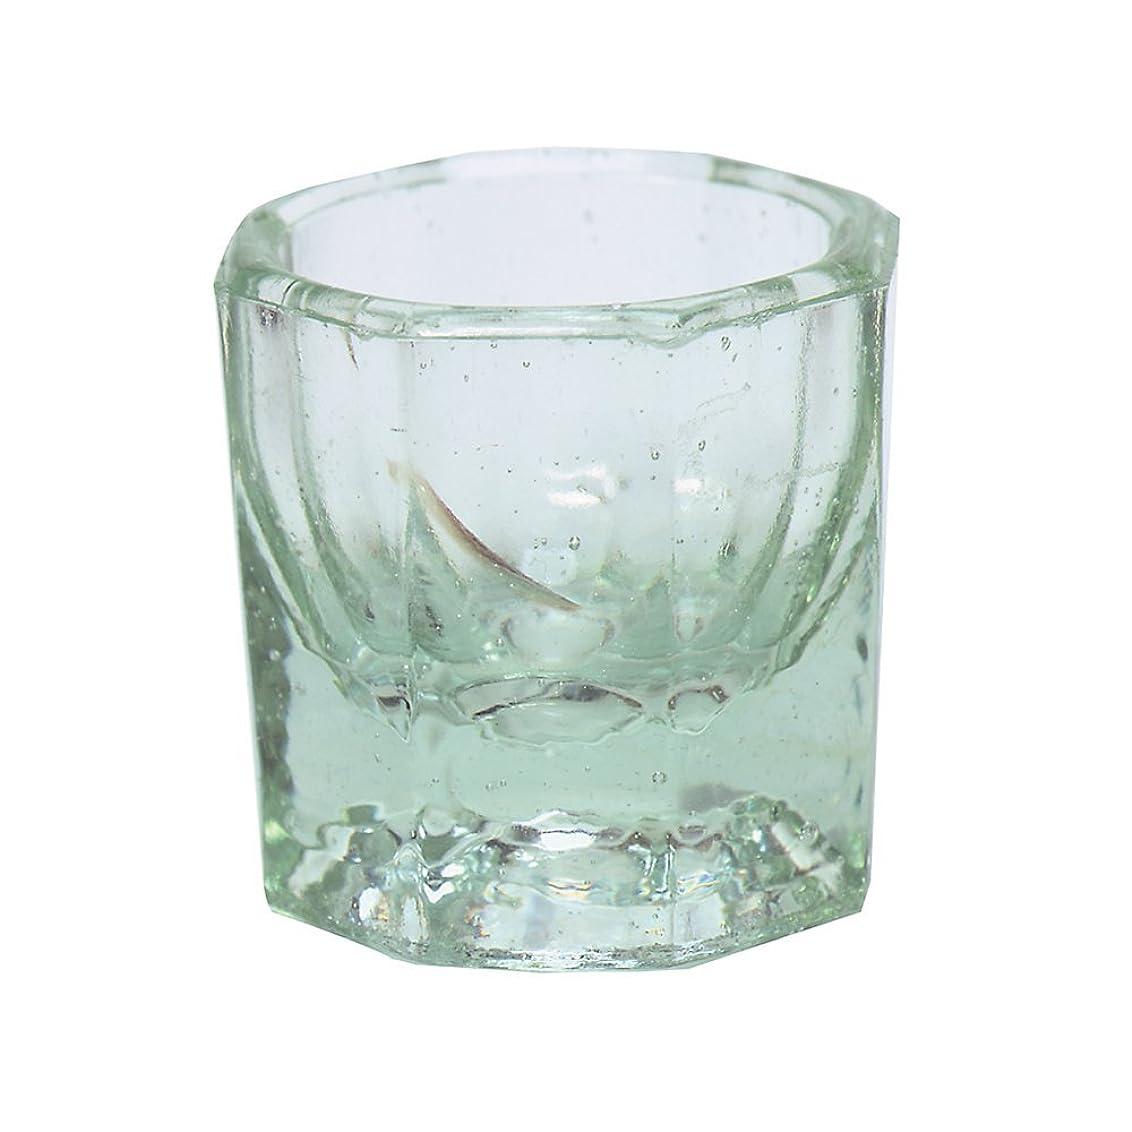 プレビスサイト読者時Gaoominy Gaoominy(R)5パック、オールシーズンガラス皿